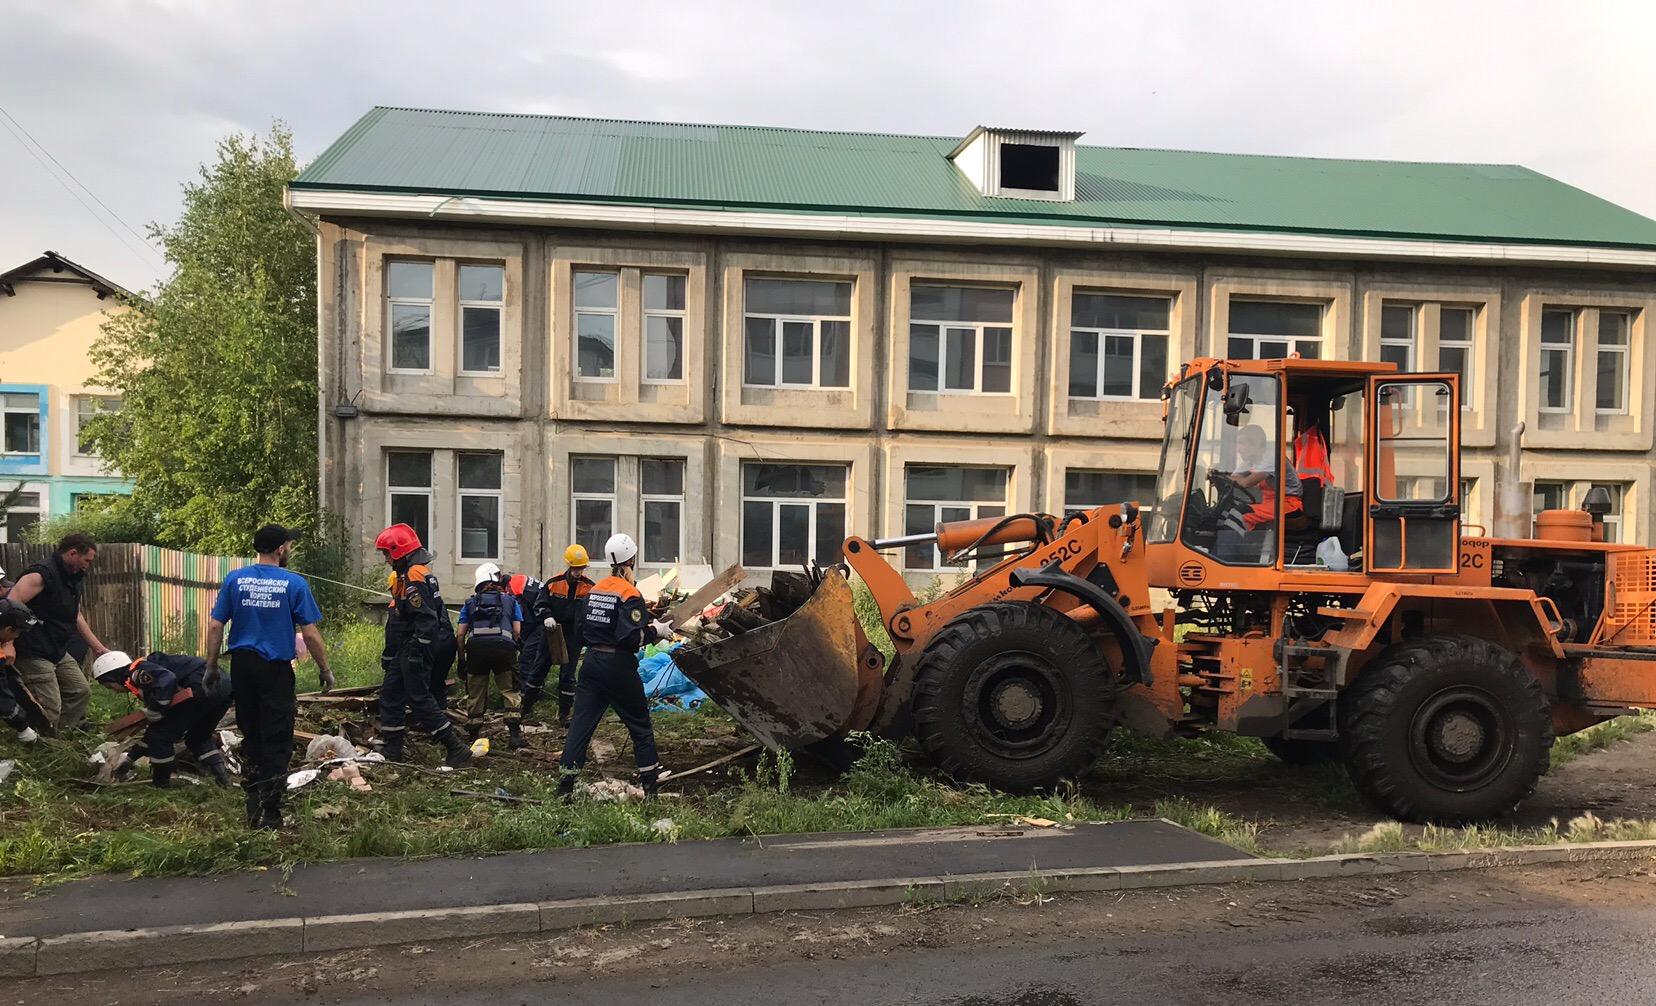 Новосибирские добровольцы на ликвидации последствий ЧП в Иркутской области. Фото предоставлены Романом Быковым.